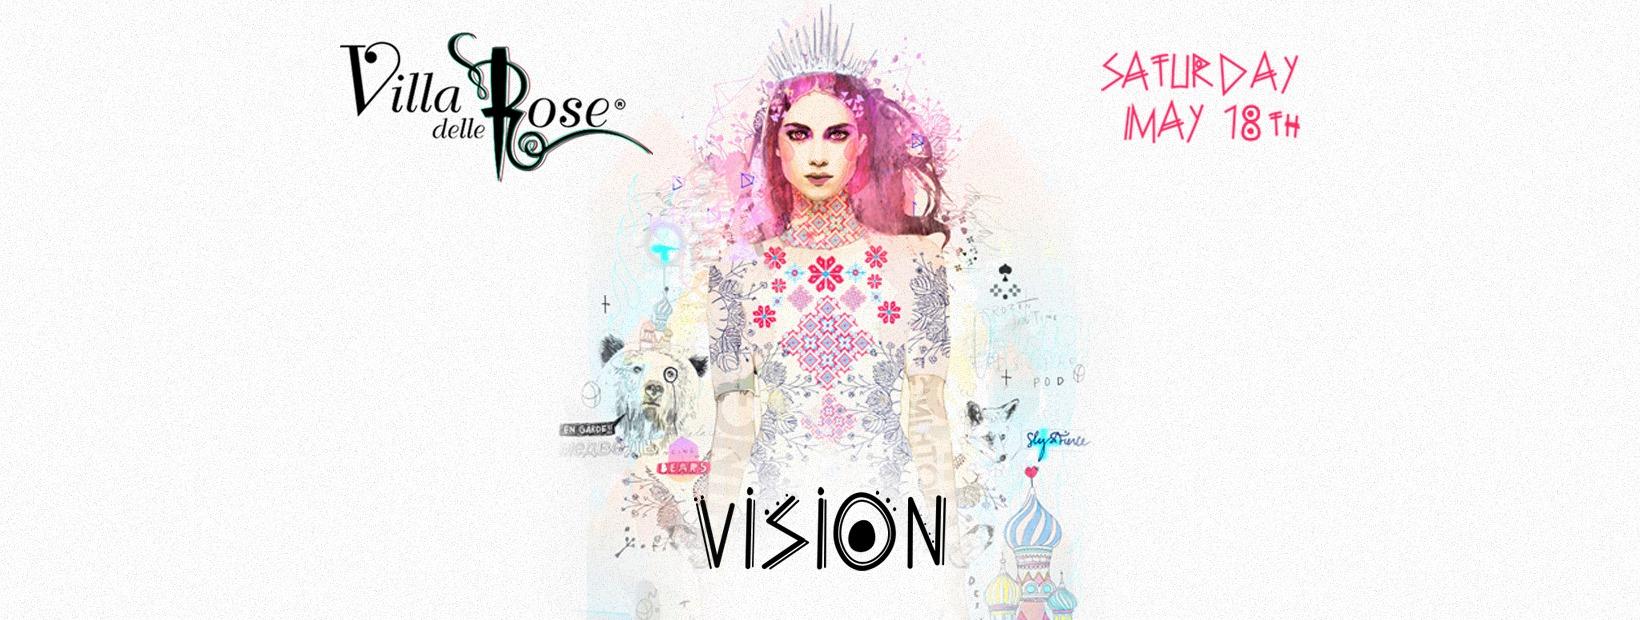 VILLA DELLE ROSE 18 MAGGIO 2019 TICKET E PACCHETTI